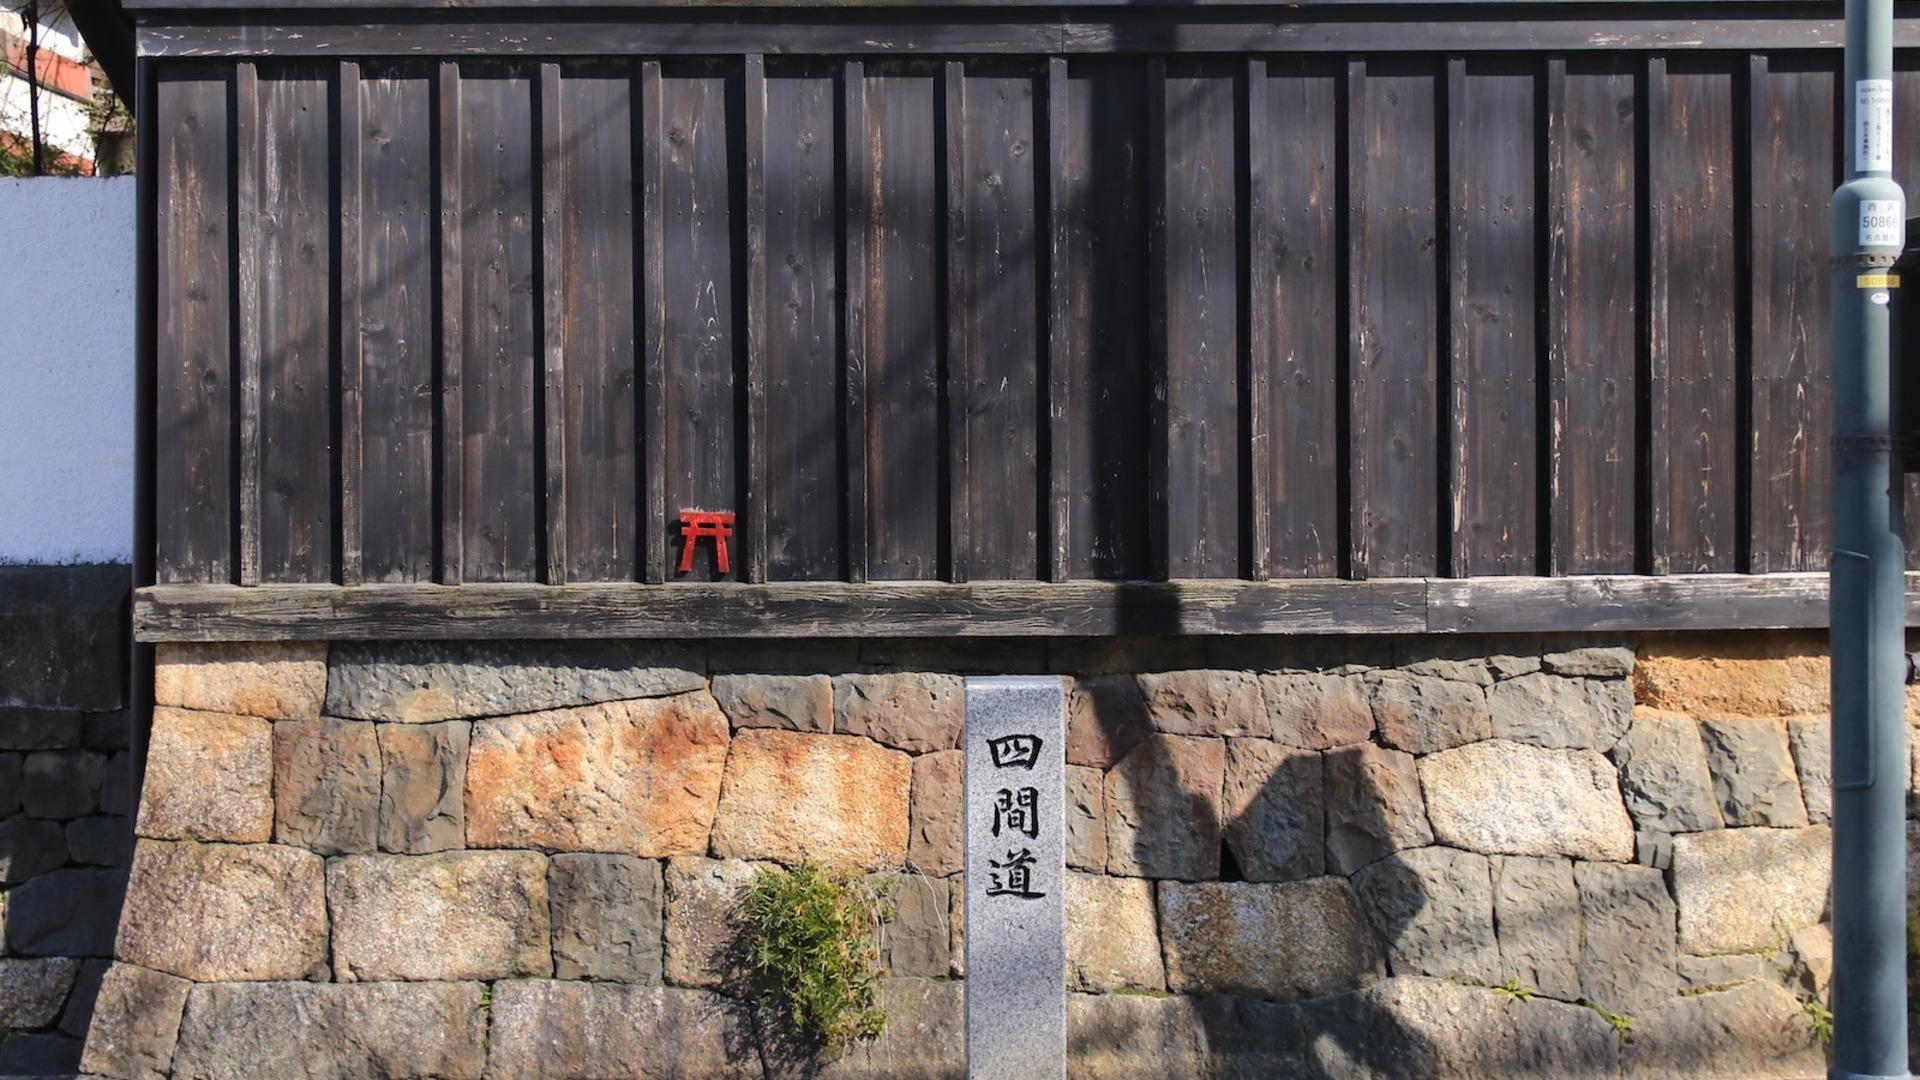 【名古屋市西区】名古屋駅から徒歩約15分。城下町の風情を残す「四間道」とは? - 土庄雄平   Yahoo! JAPAN クリエイターズプログラム